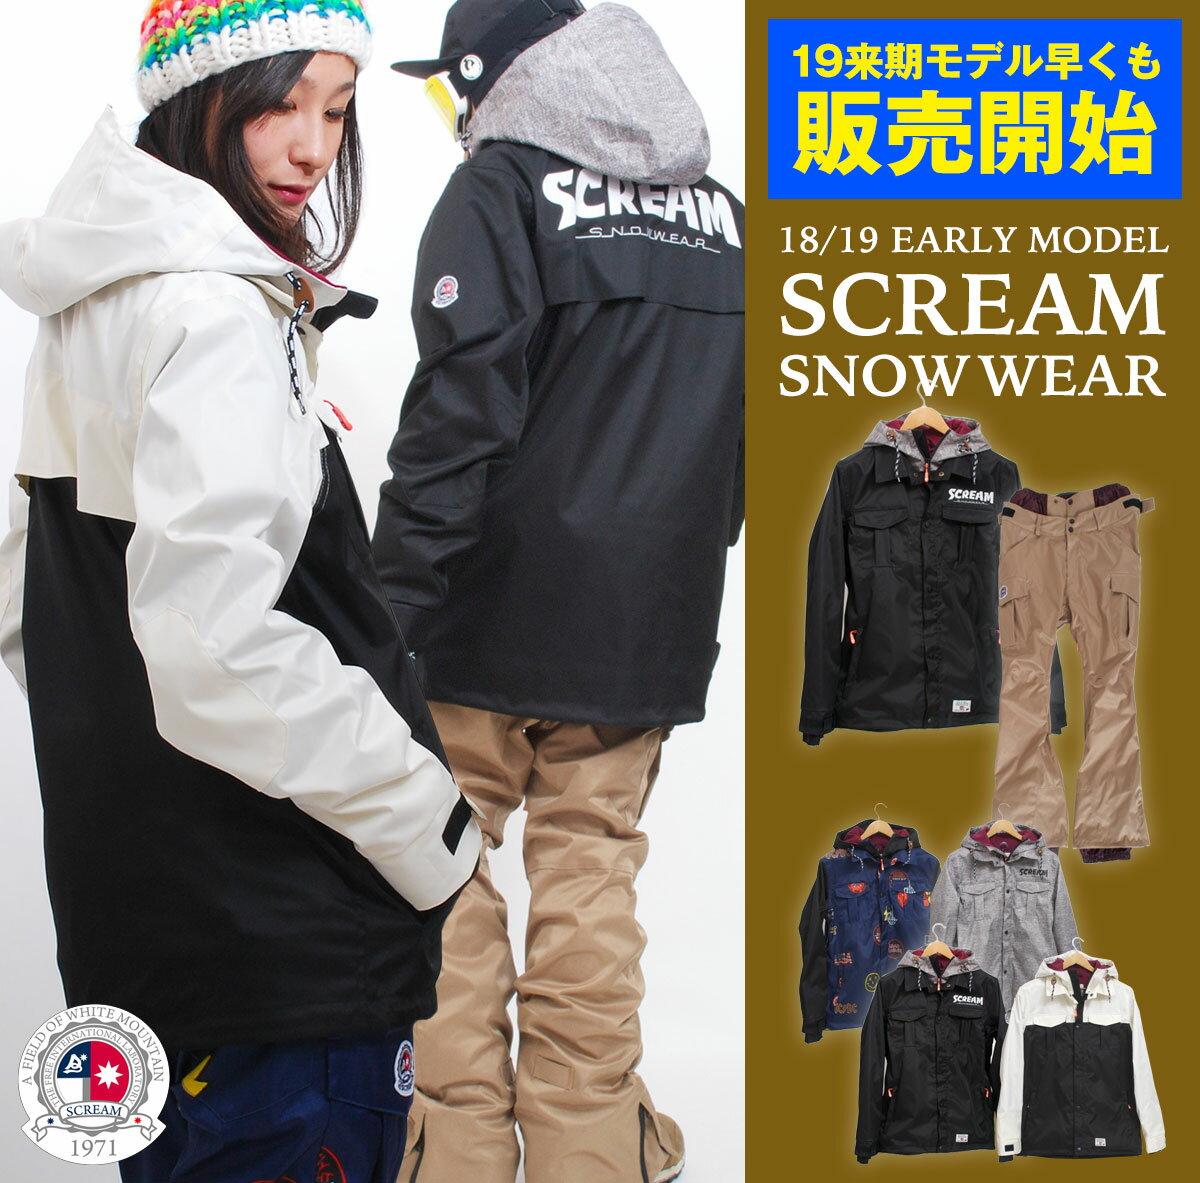 18-19 EARLY MODEL SCREAM/スクリーム スノーボードウェア メンズ&レディース ユニセックス 上下セット スキーウェアにも! スノボー スノーボードウエア レディス